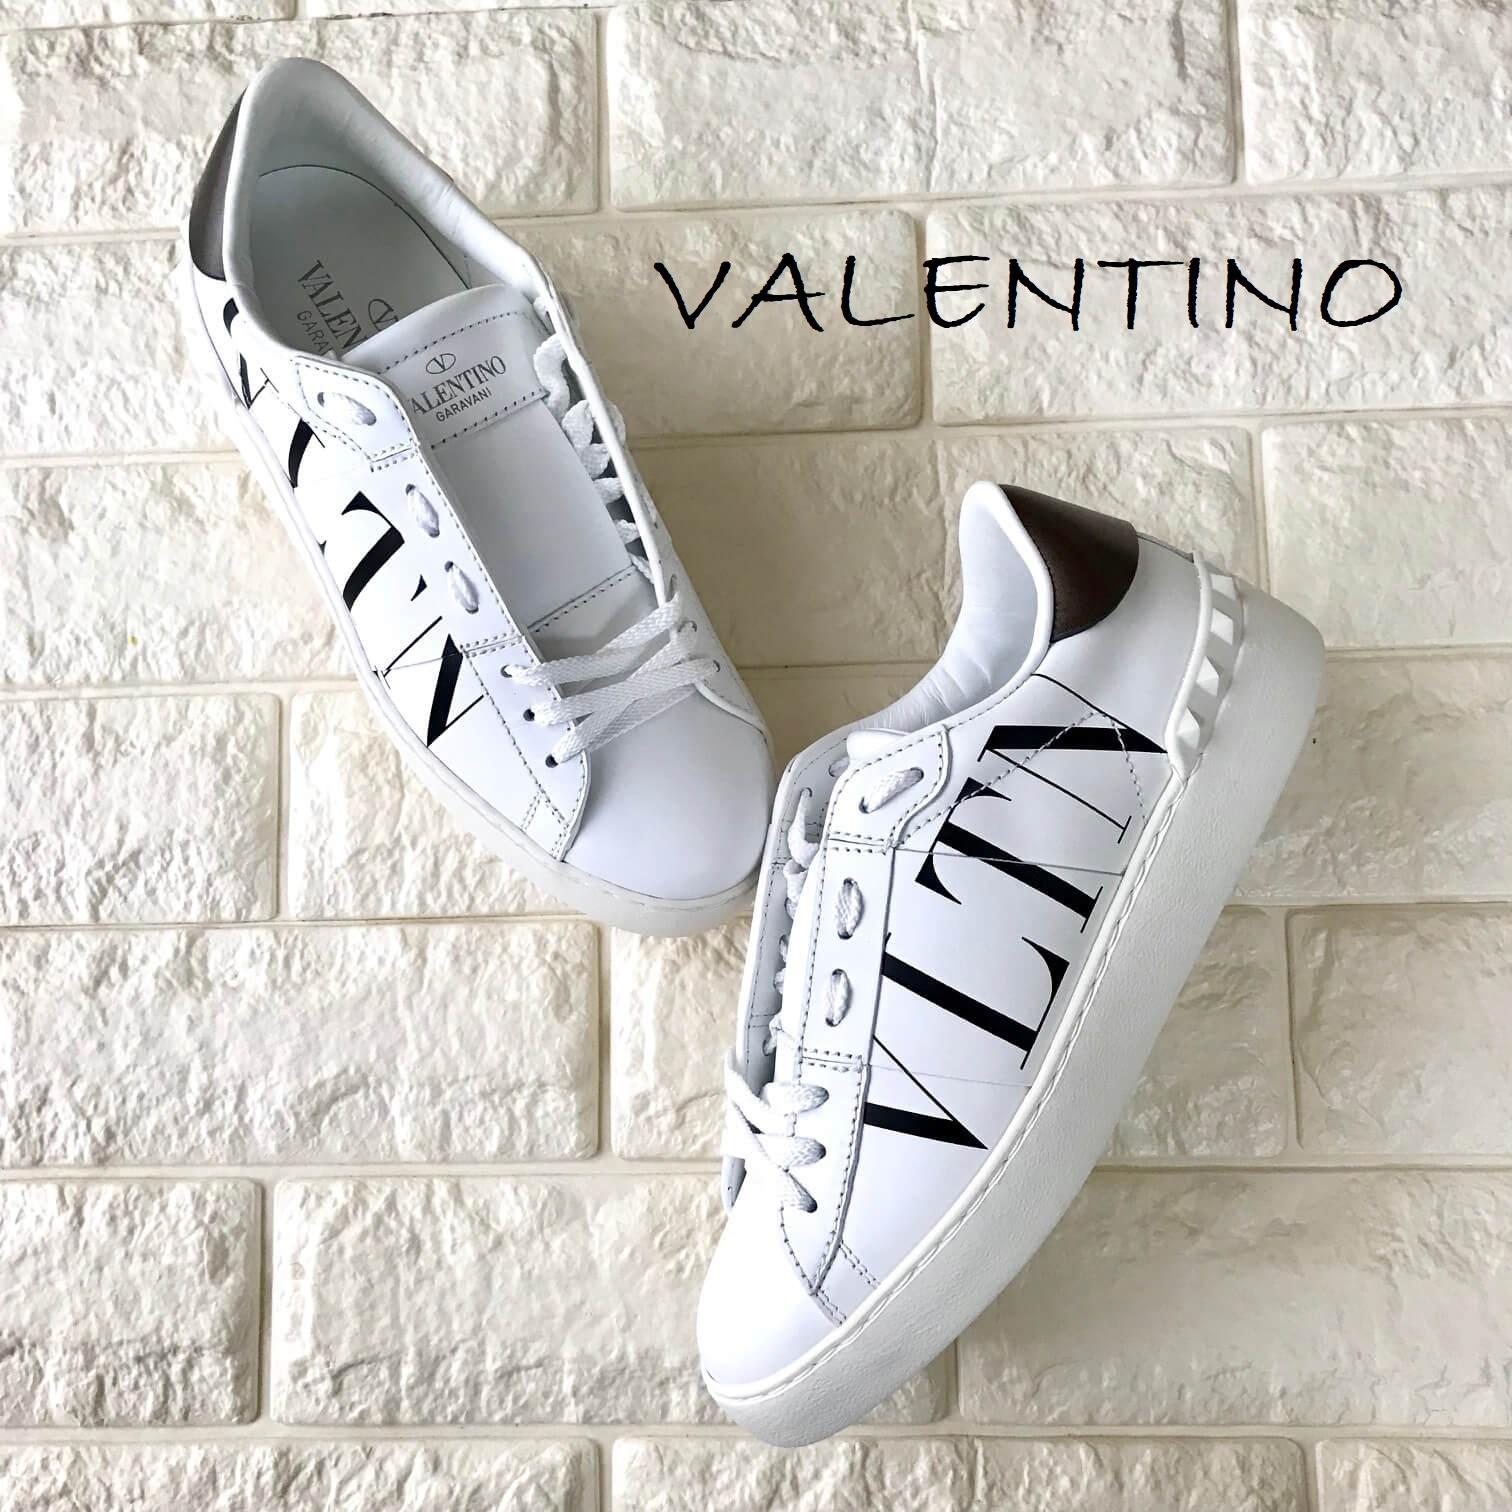 VALENTINO(ヴァレンティノ)スニーカー画像